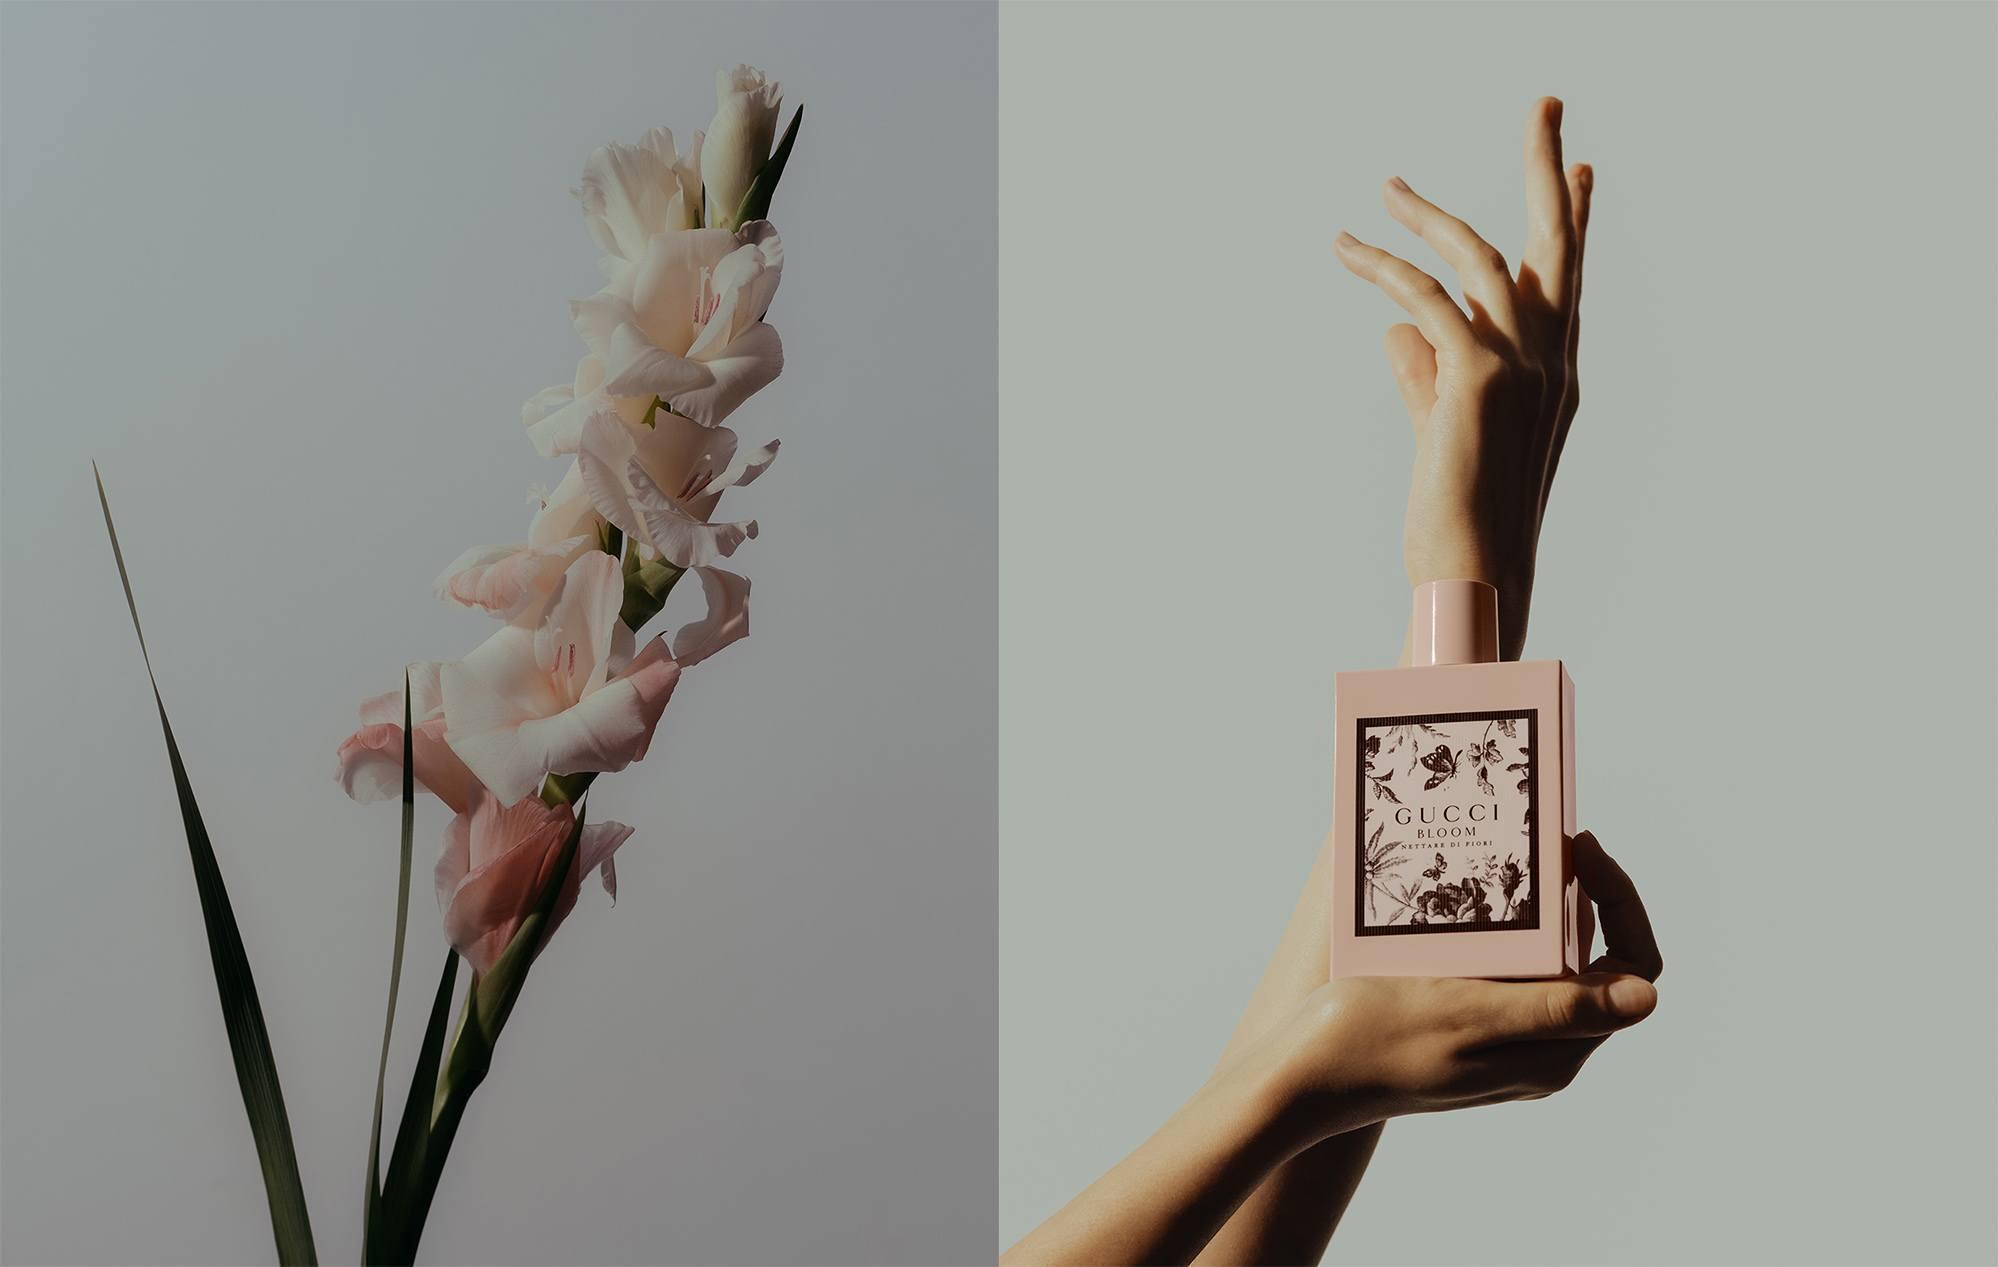 GUCCI-Bloom-Nettare-di-Fiori-IGNANT-studio-Alexander-Kilian-03